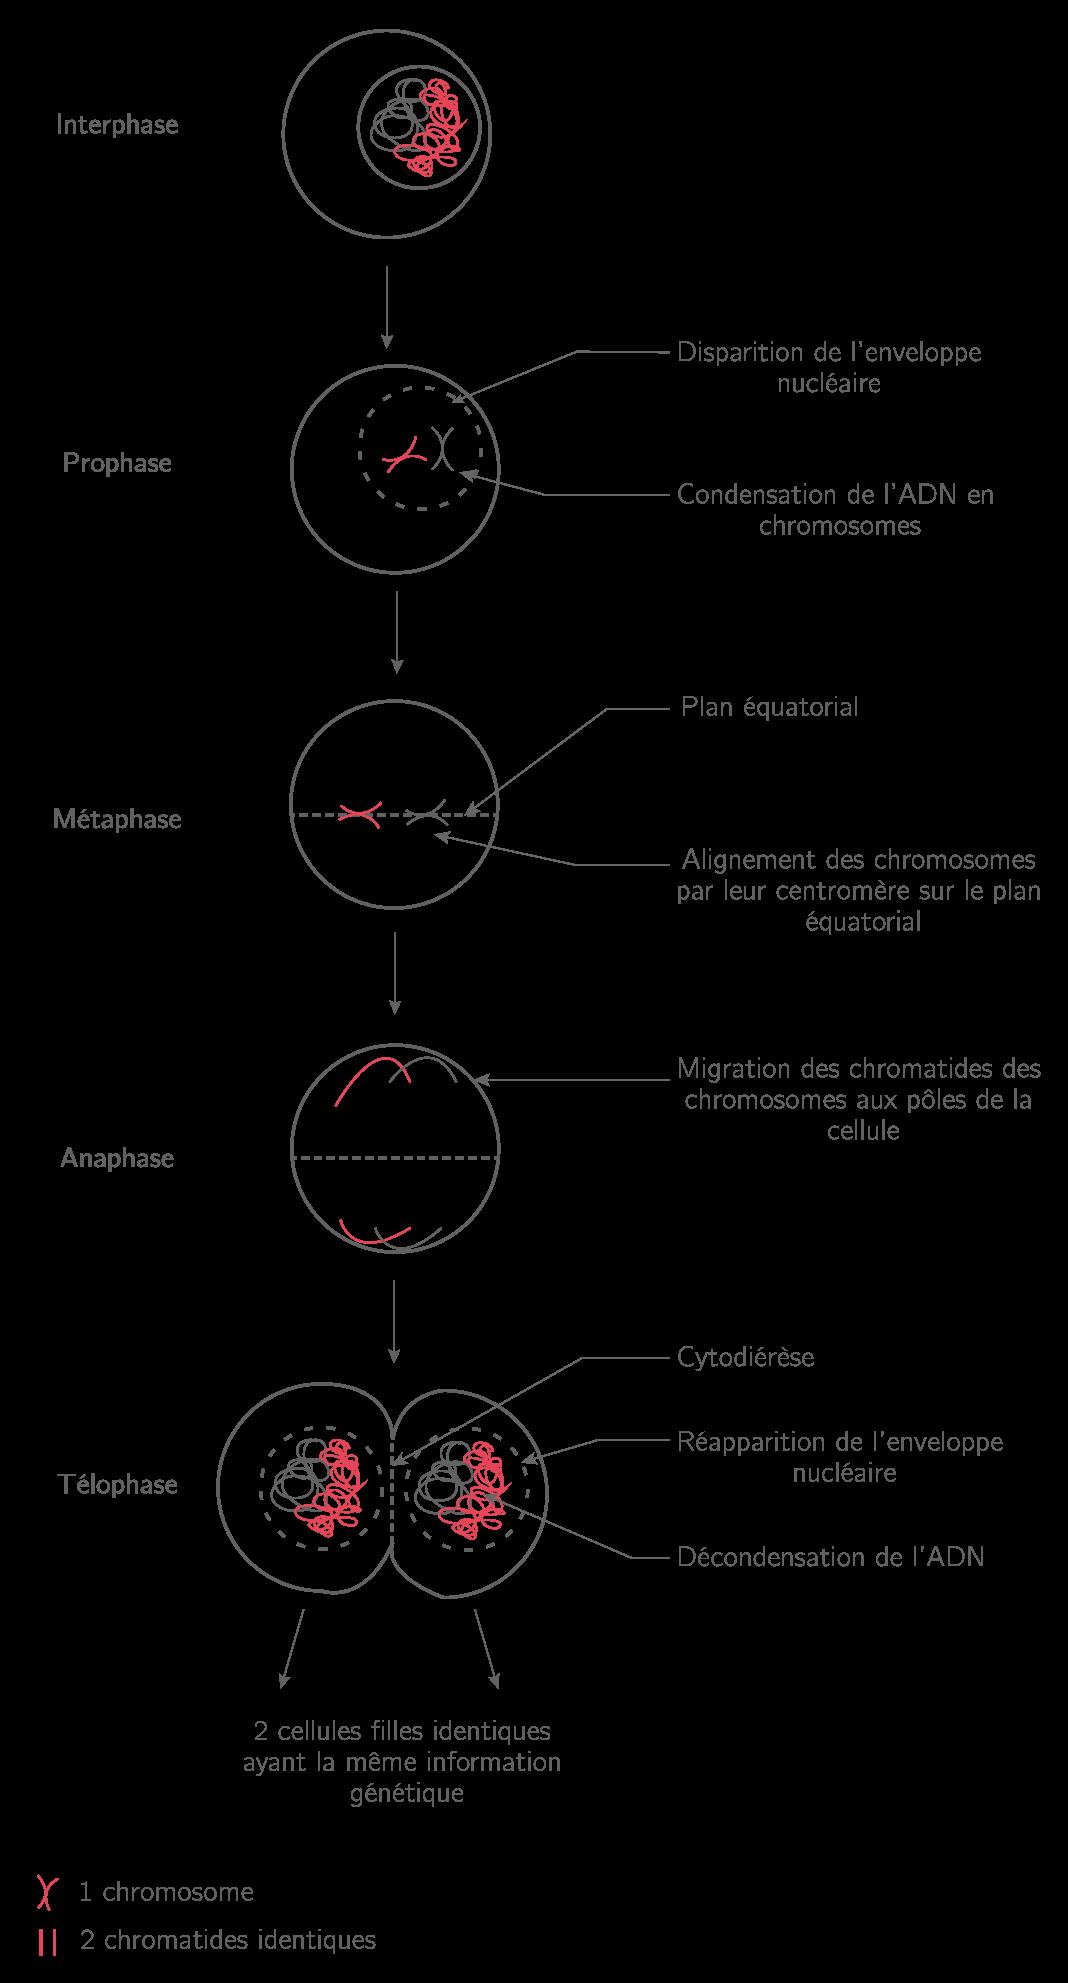 La reproduction conforme de la cellule et la réplication